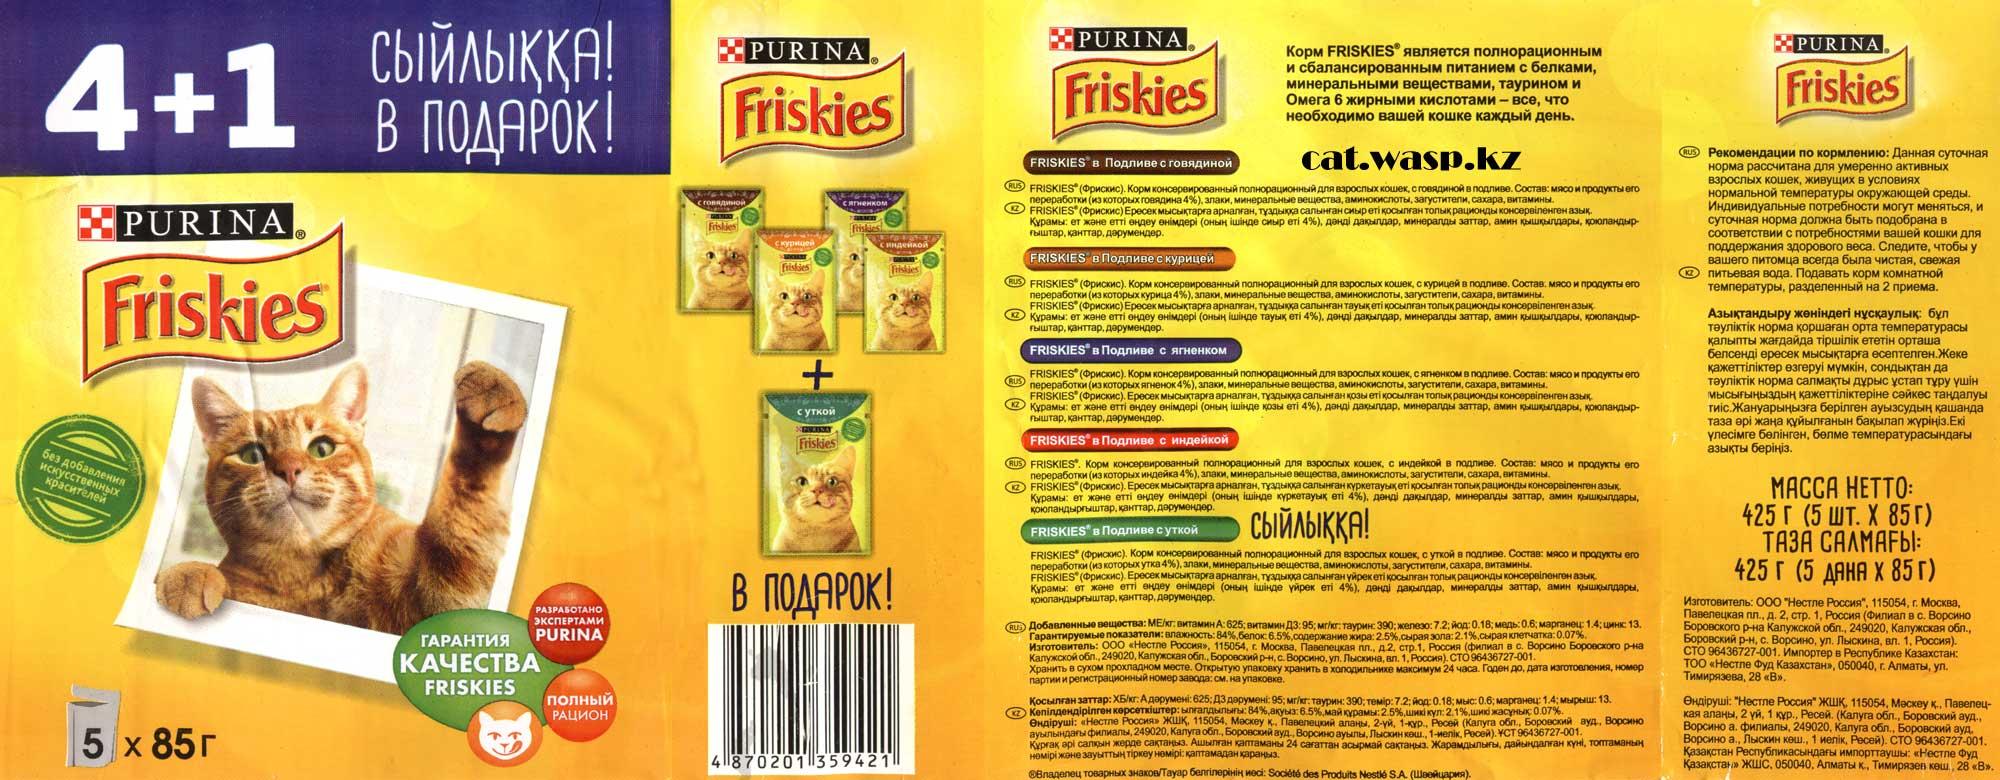 4 плюс 1 в подарок - желе от Friskies для кошек - отзыв и качество